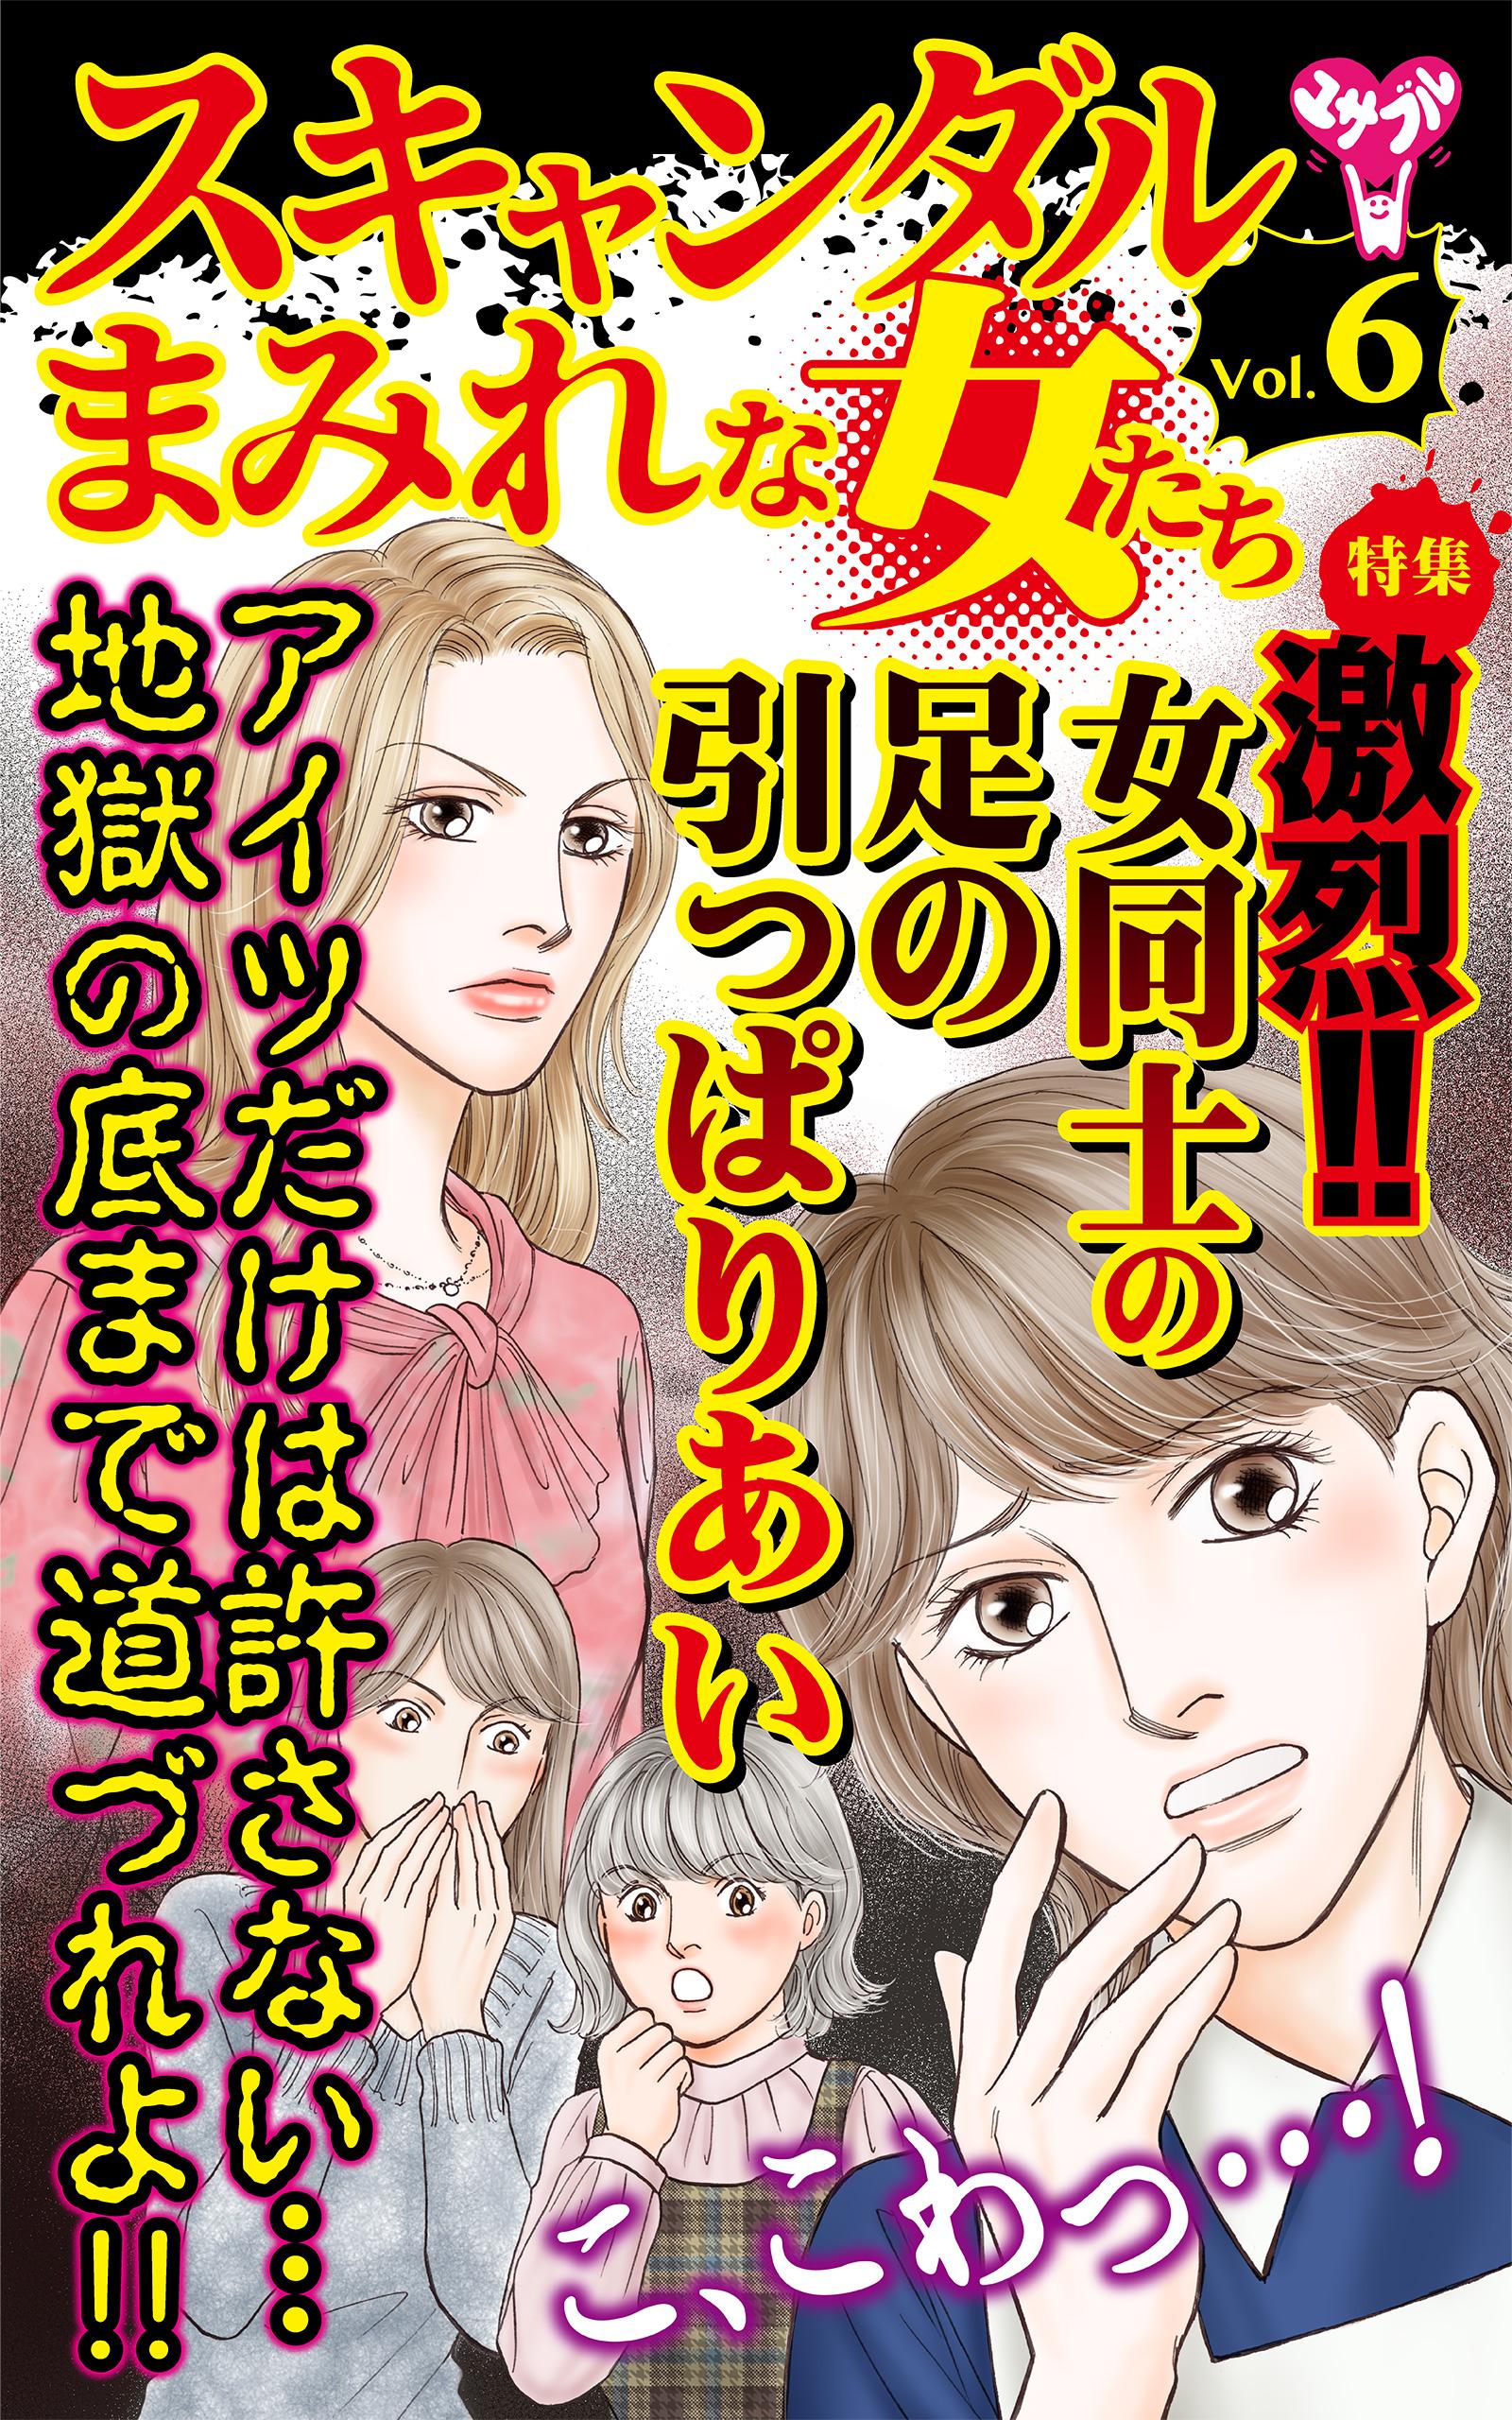 スキャンダルまみれな女たちVol.6(卑劣!ご近所ゆすり女)